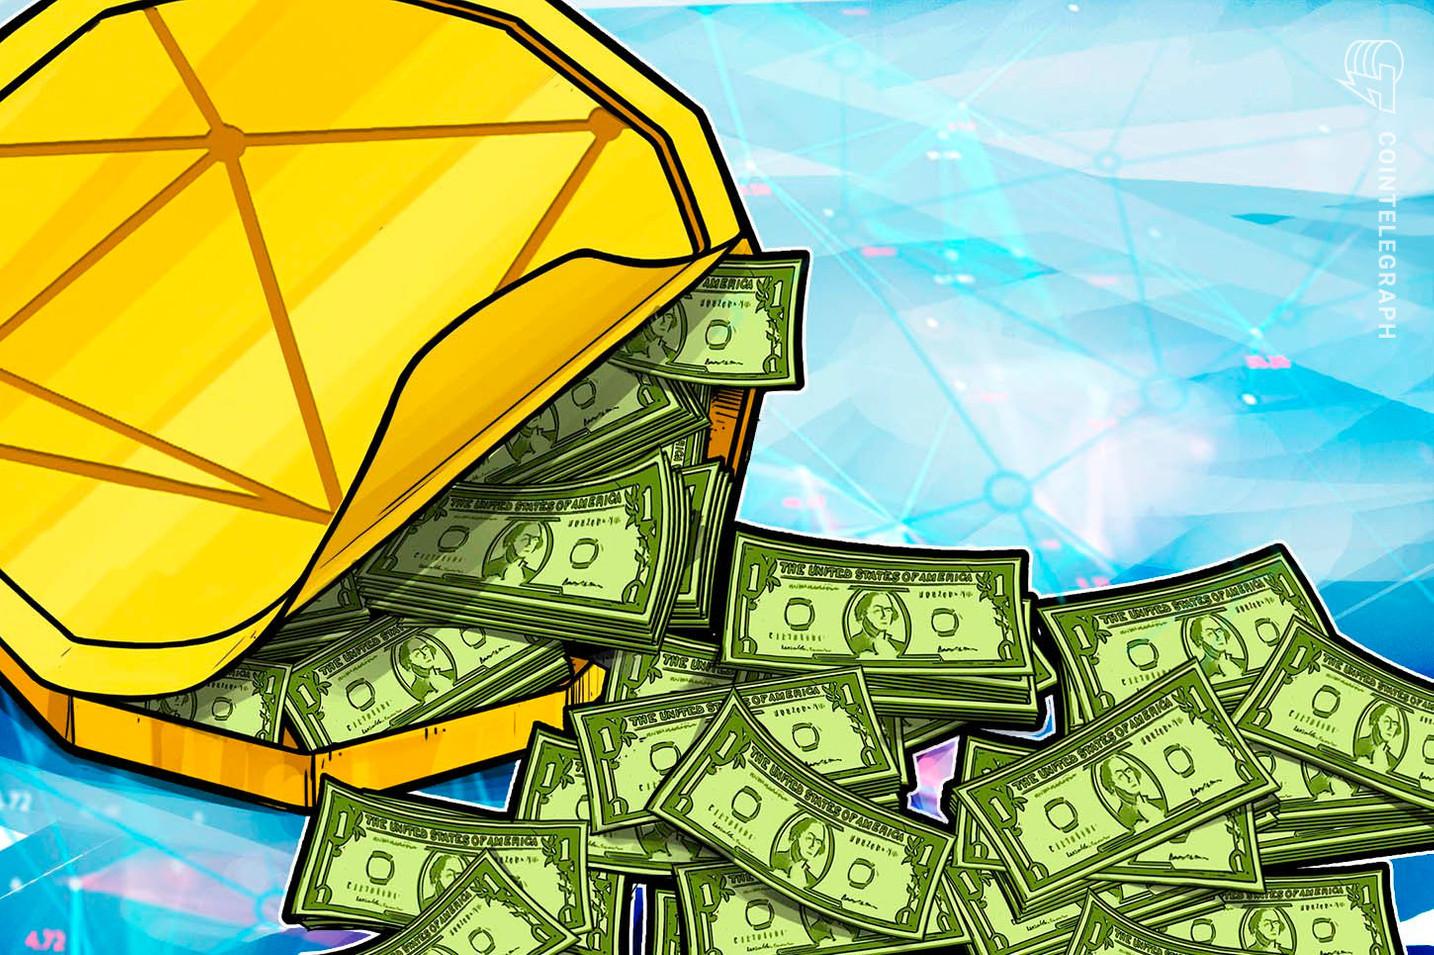 شركة كونفكس فاينانس، المنافسة المحتملة لواي إيرن، تتجاوز مليار دولار في إجمالي القيمة المقفلة